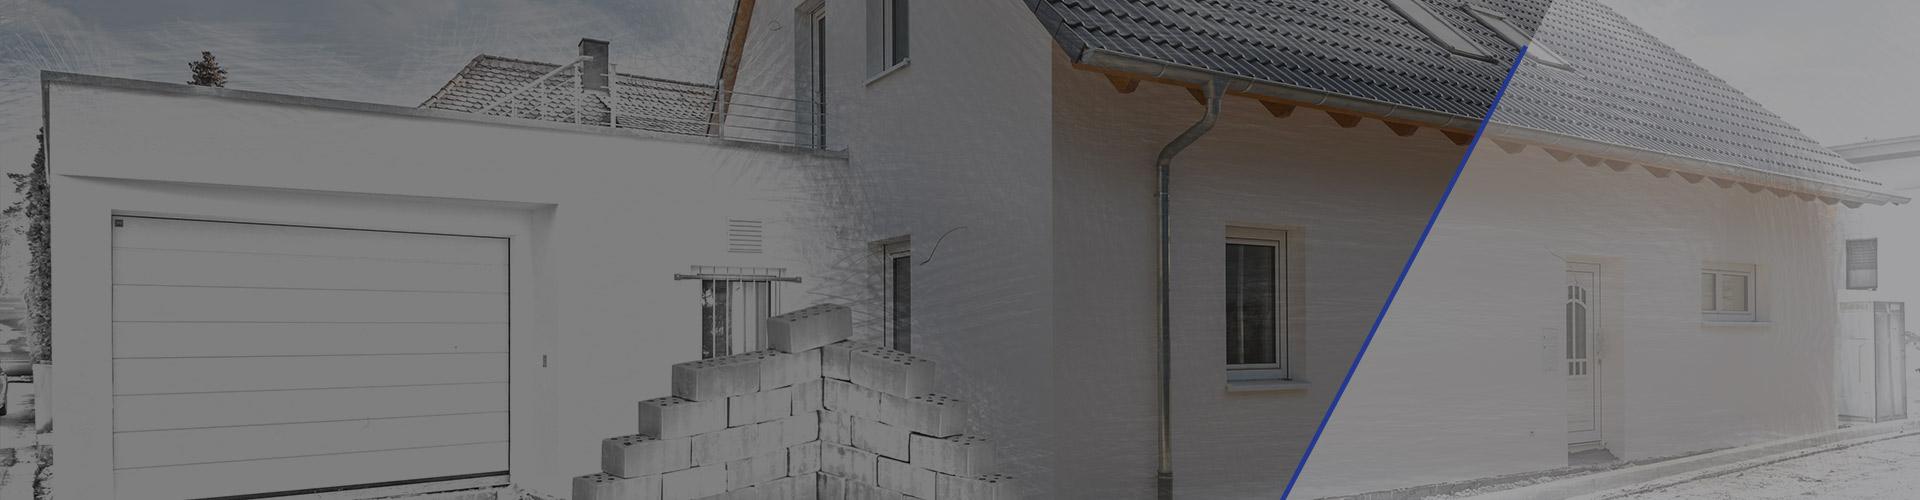 Umbau Architektin Martina Edl Eichstätt